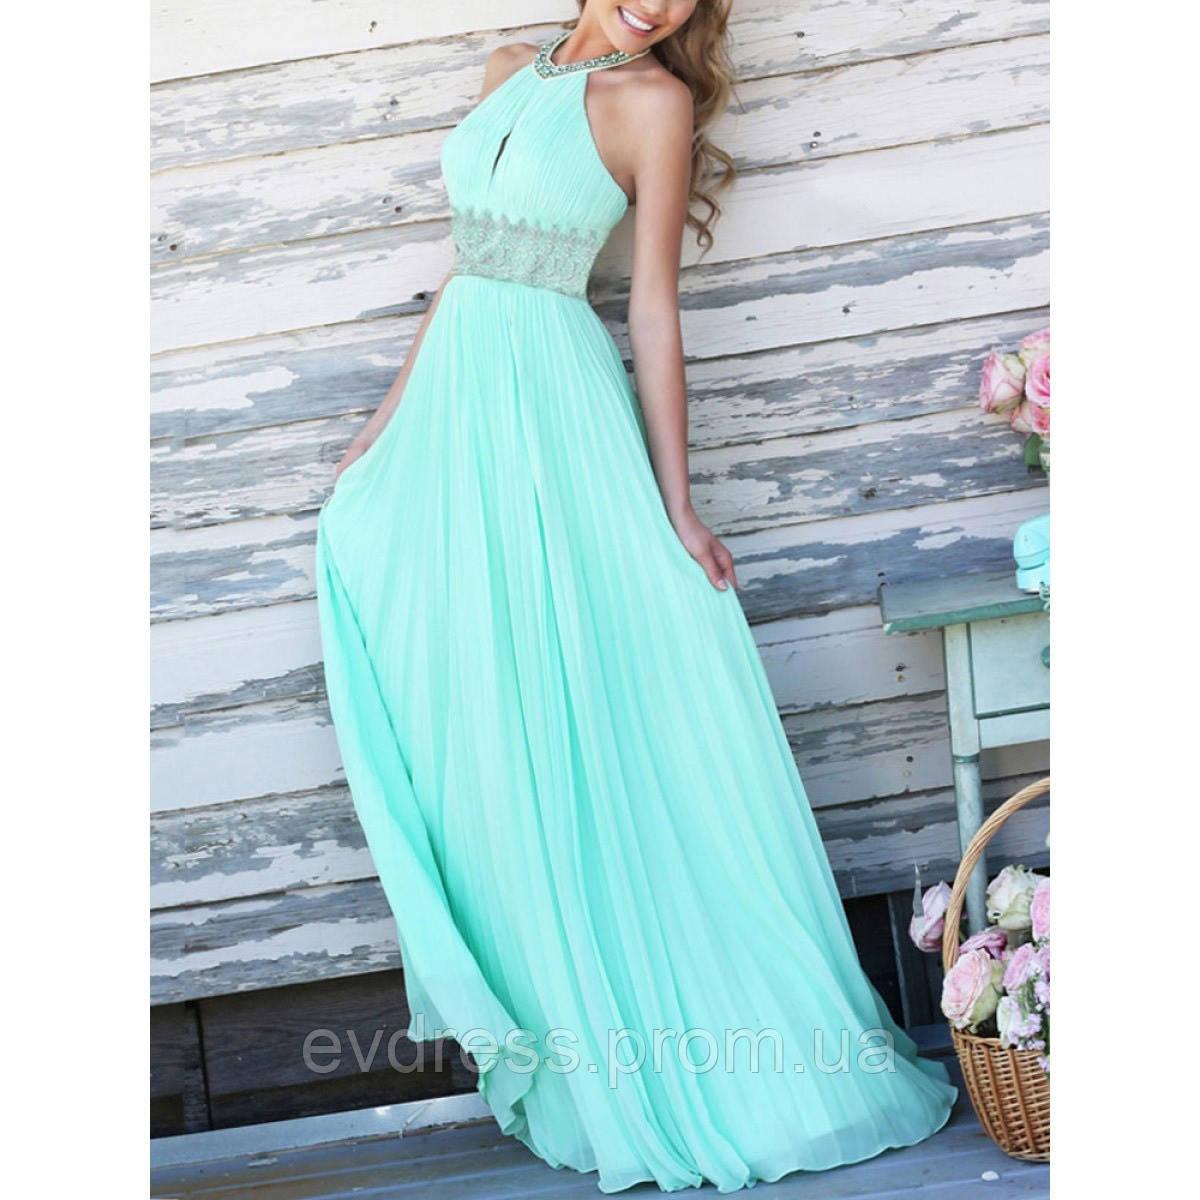 9fb7964557b Вечерние длинные платья на выпускной 11 класс нежно мятного цвета DT-137305